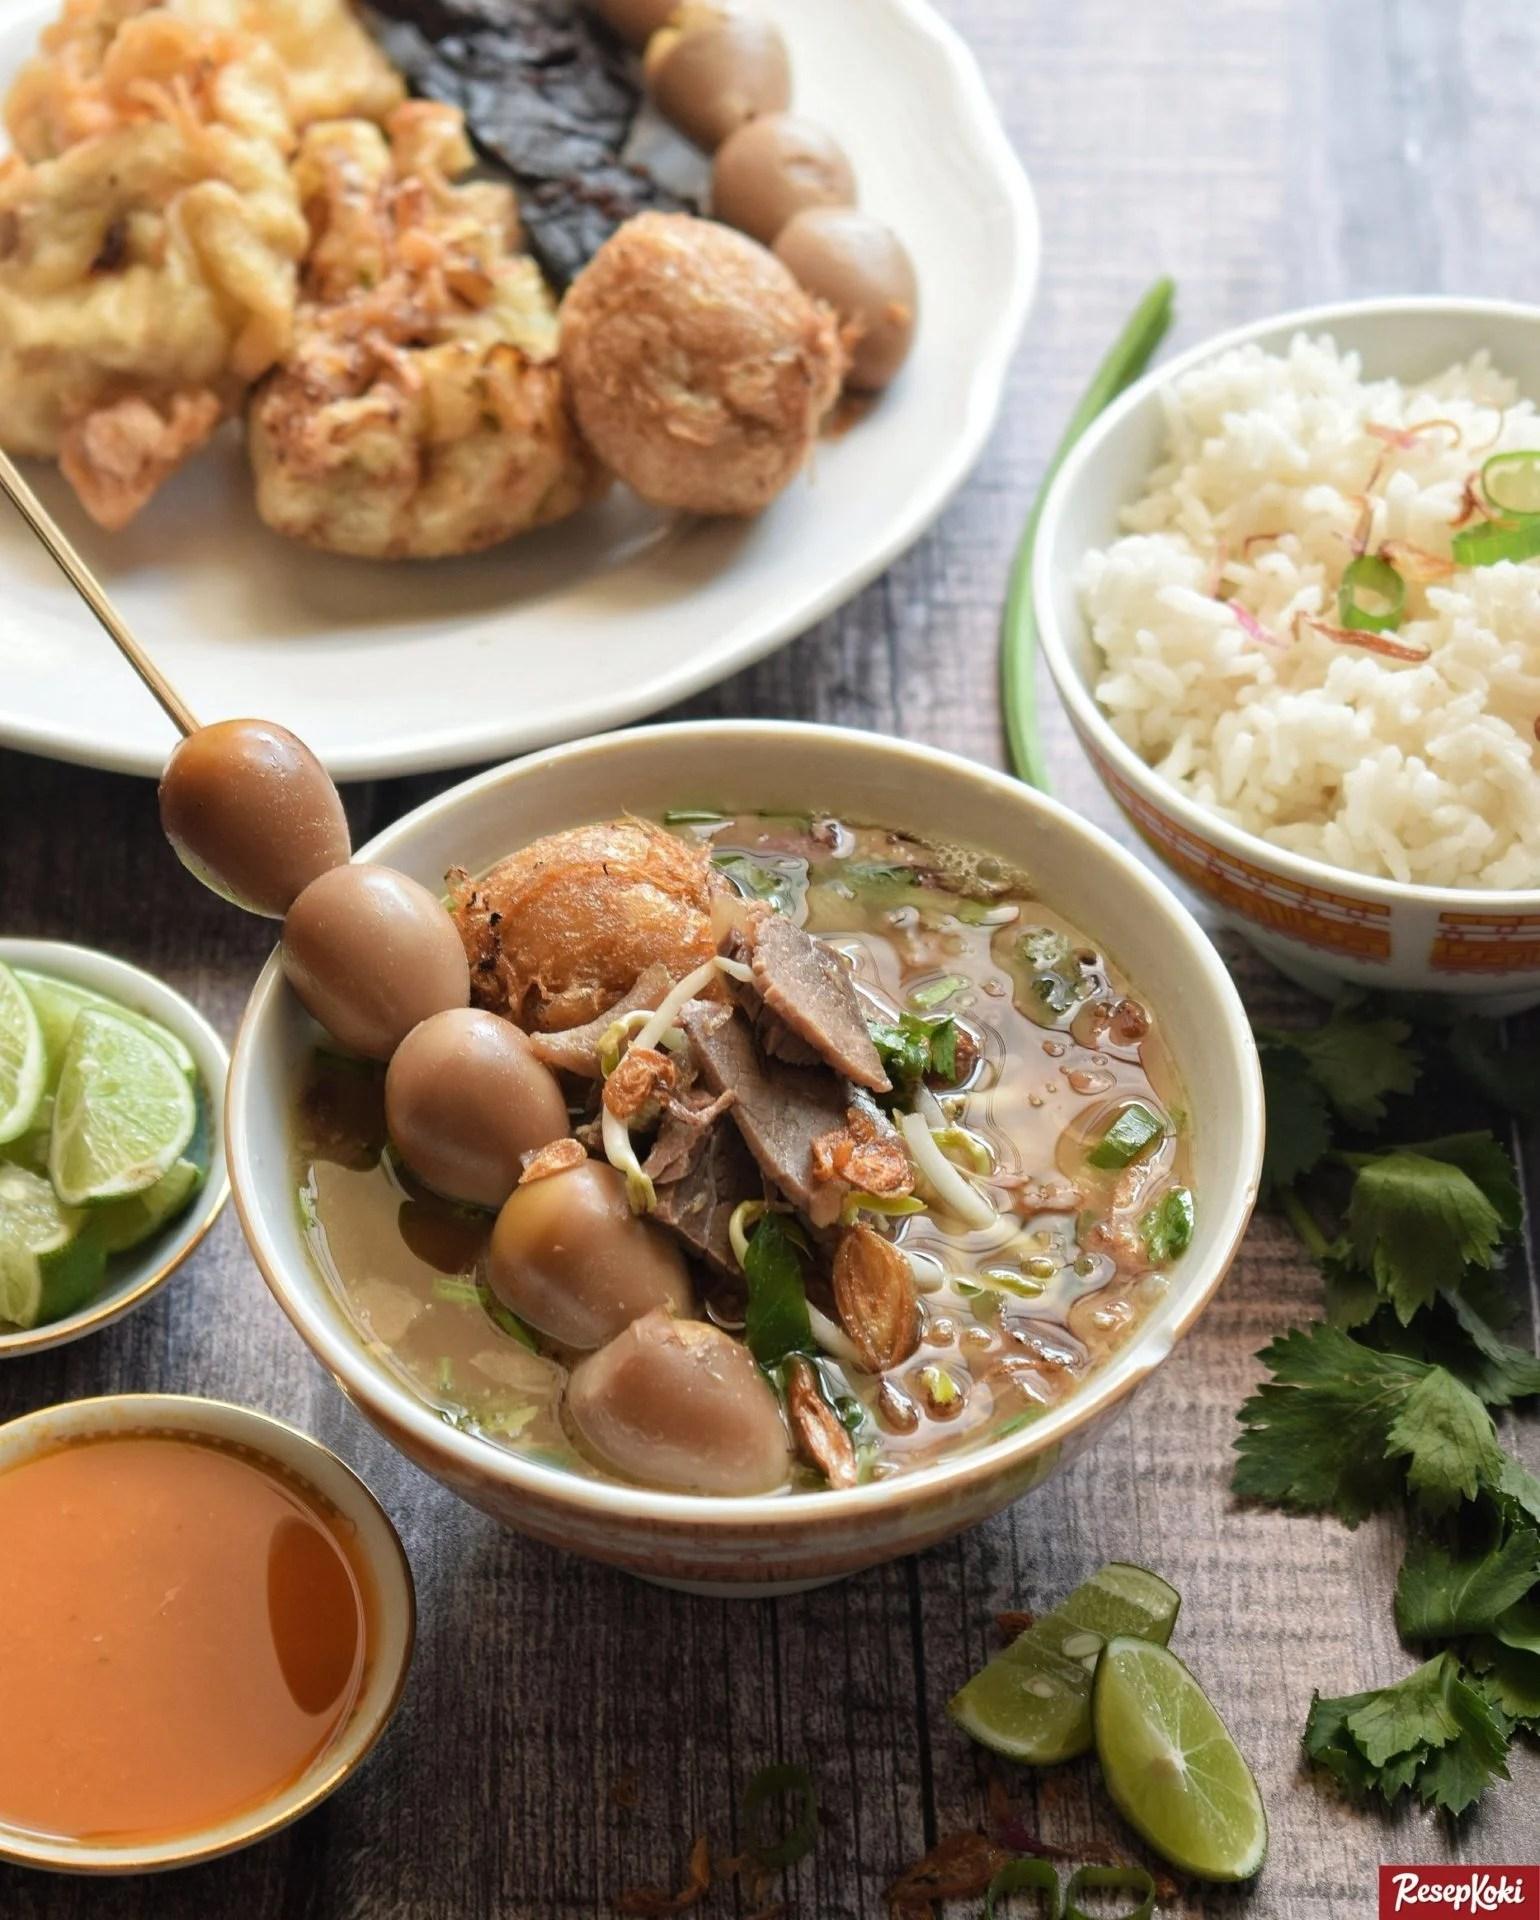 Resep Soto Daging Sapi Jawa Tengah : resep, daging, tengah, Kudus, Praktis, Istimewa, Resep, ResepKoki